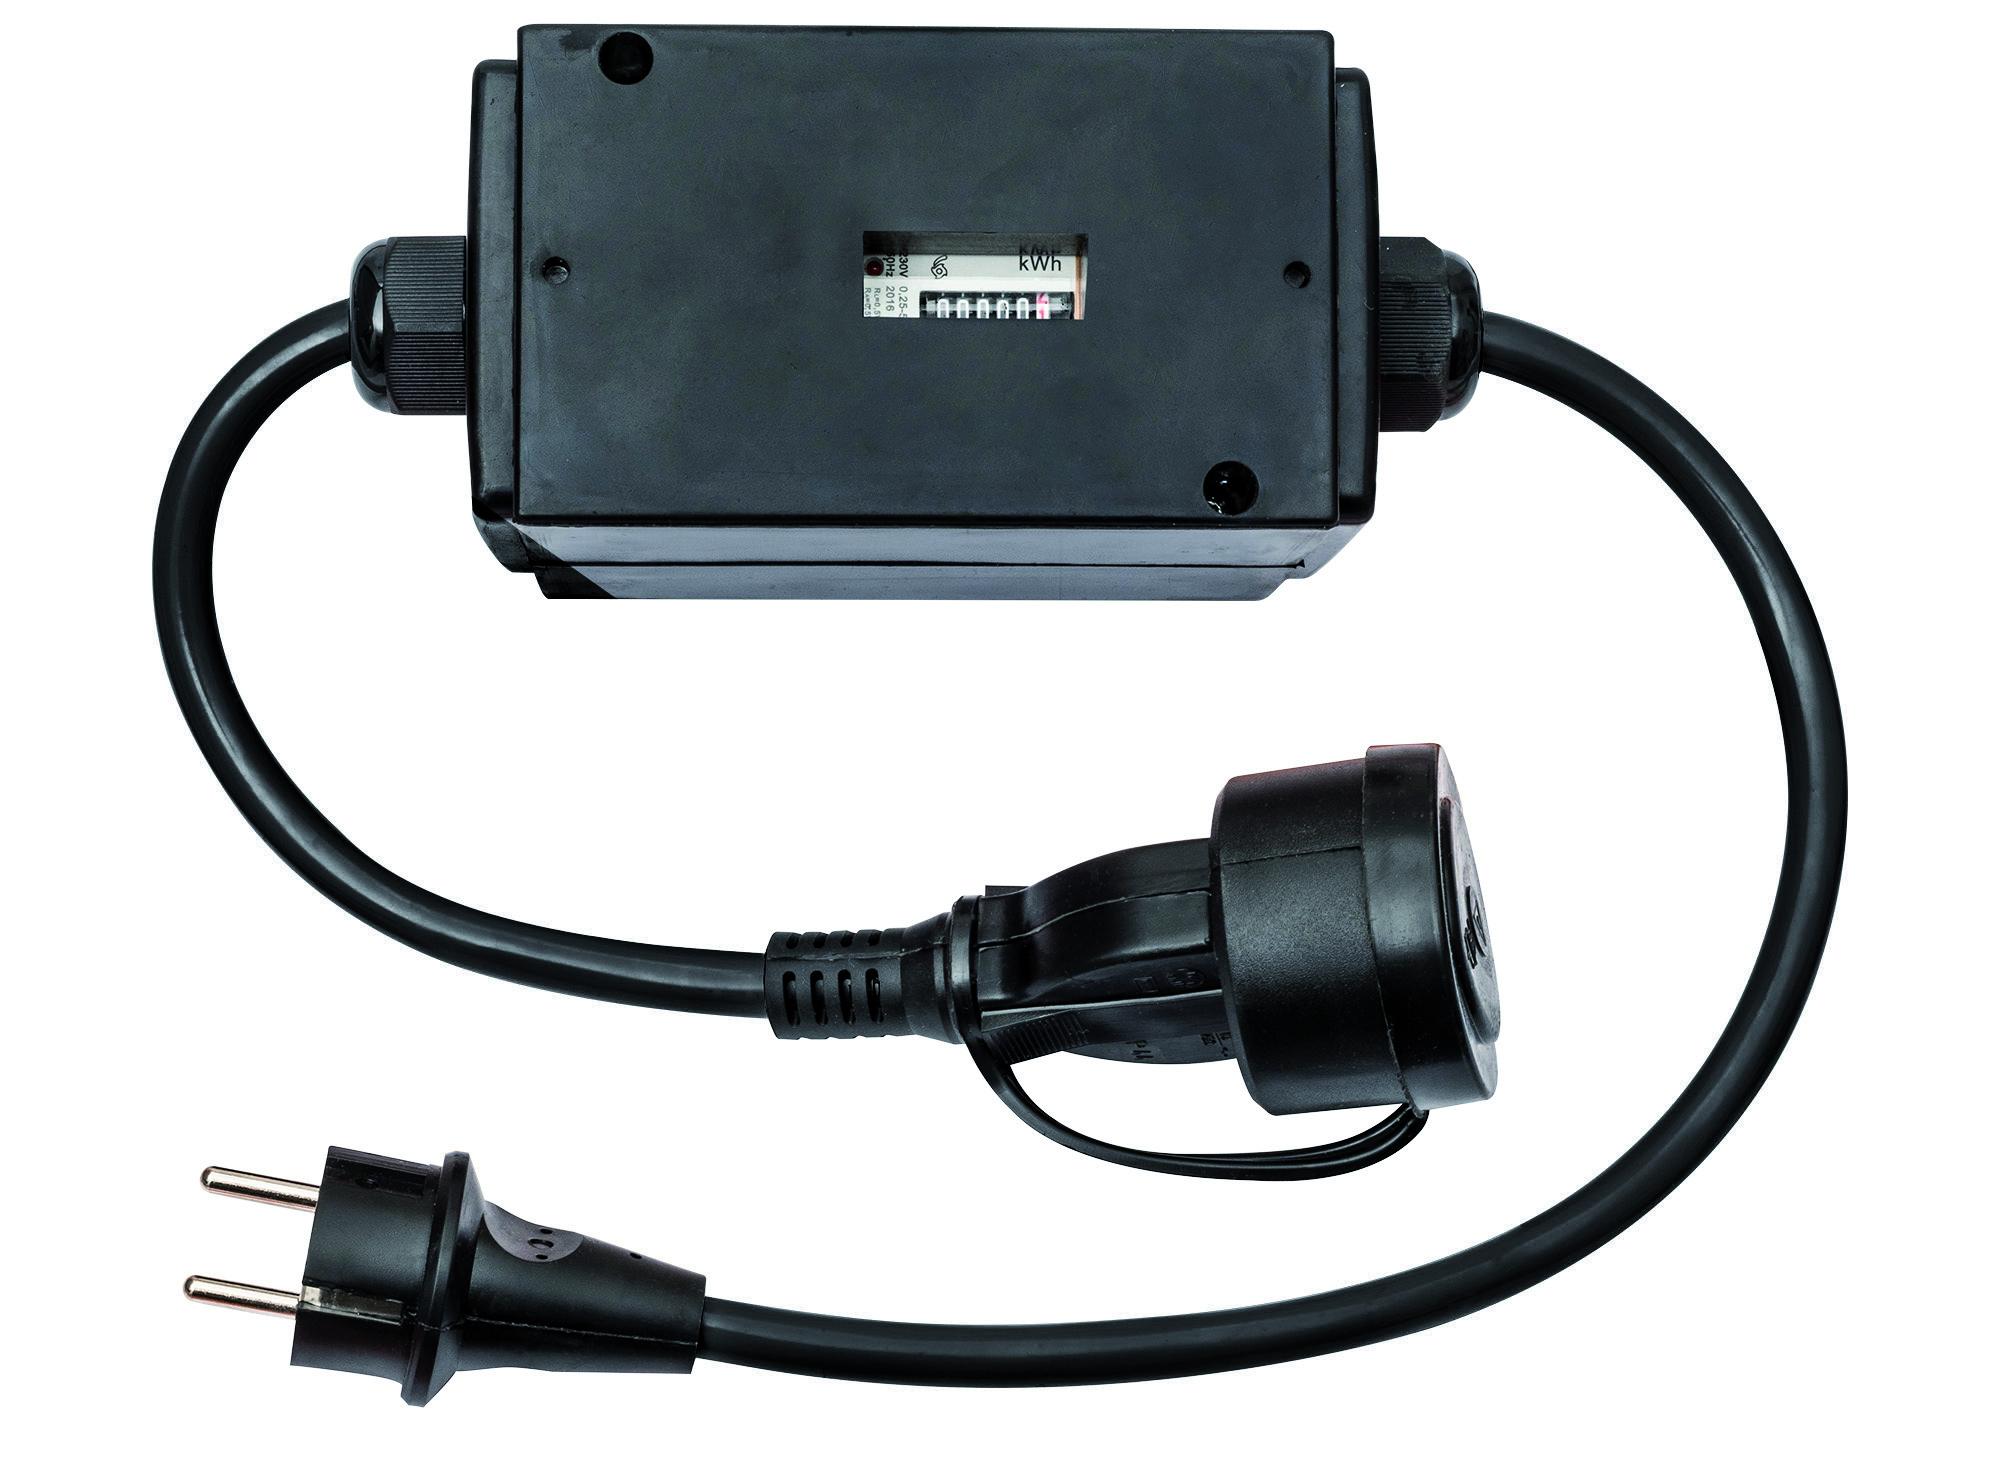 Stromzähler mit hochbruchfestem Gehäuse - zu Abrechnungszwecken geeignet - MID geeicht - 10 Stk.